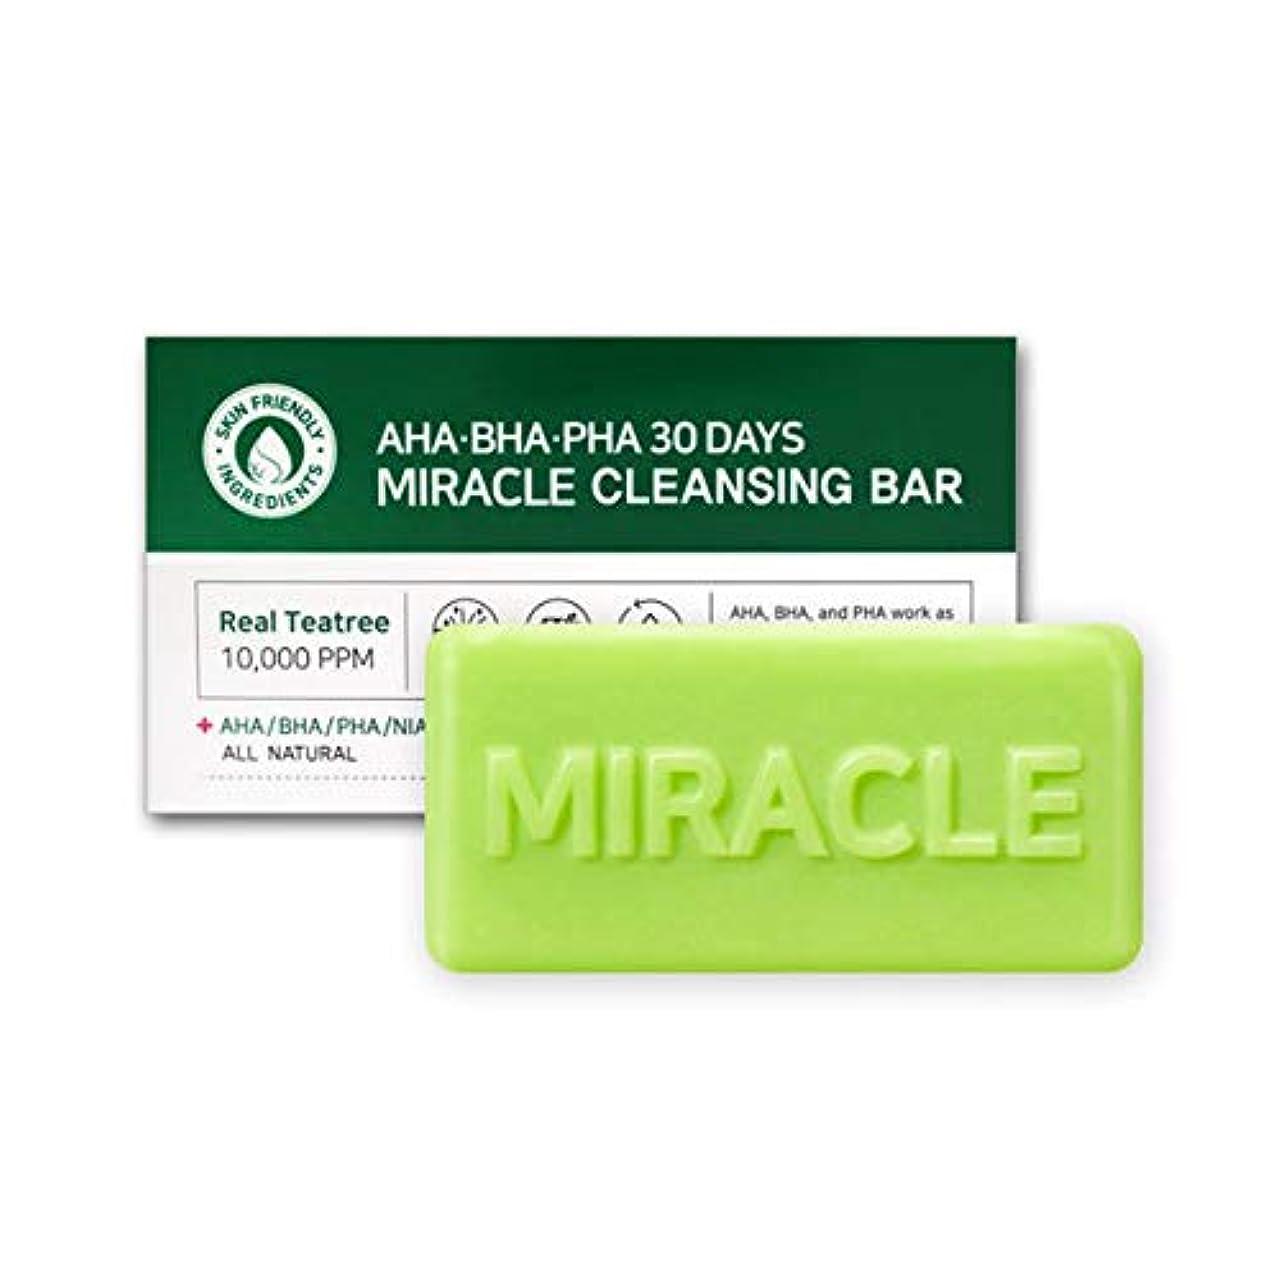 新しい意味テレックスブルーム[SOME BY MI/サムバイミー] AHA BHA PHA 30Days Miracle Cleansing Bar 95g/AHA BHA PHA 30デイズ ミラクル 洗顔 石けん 95g [並行輸入品]